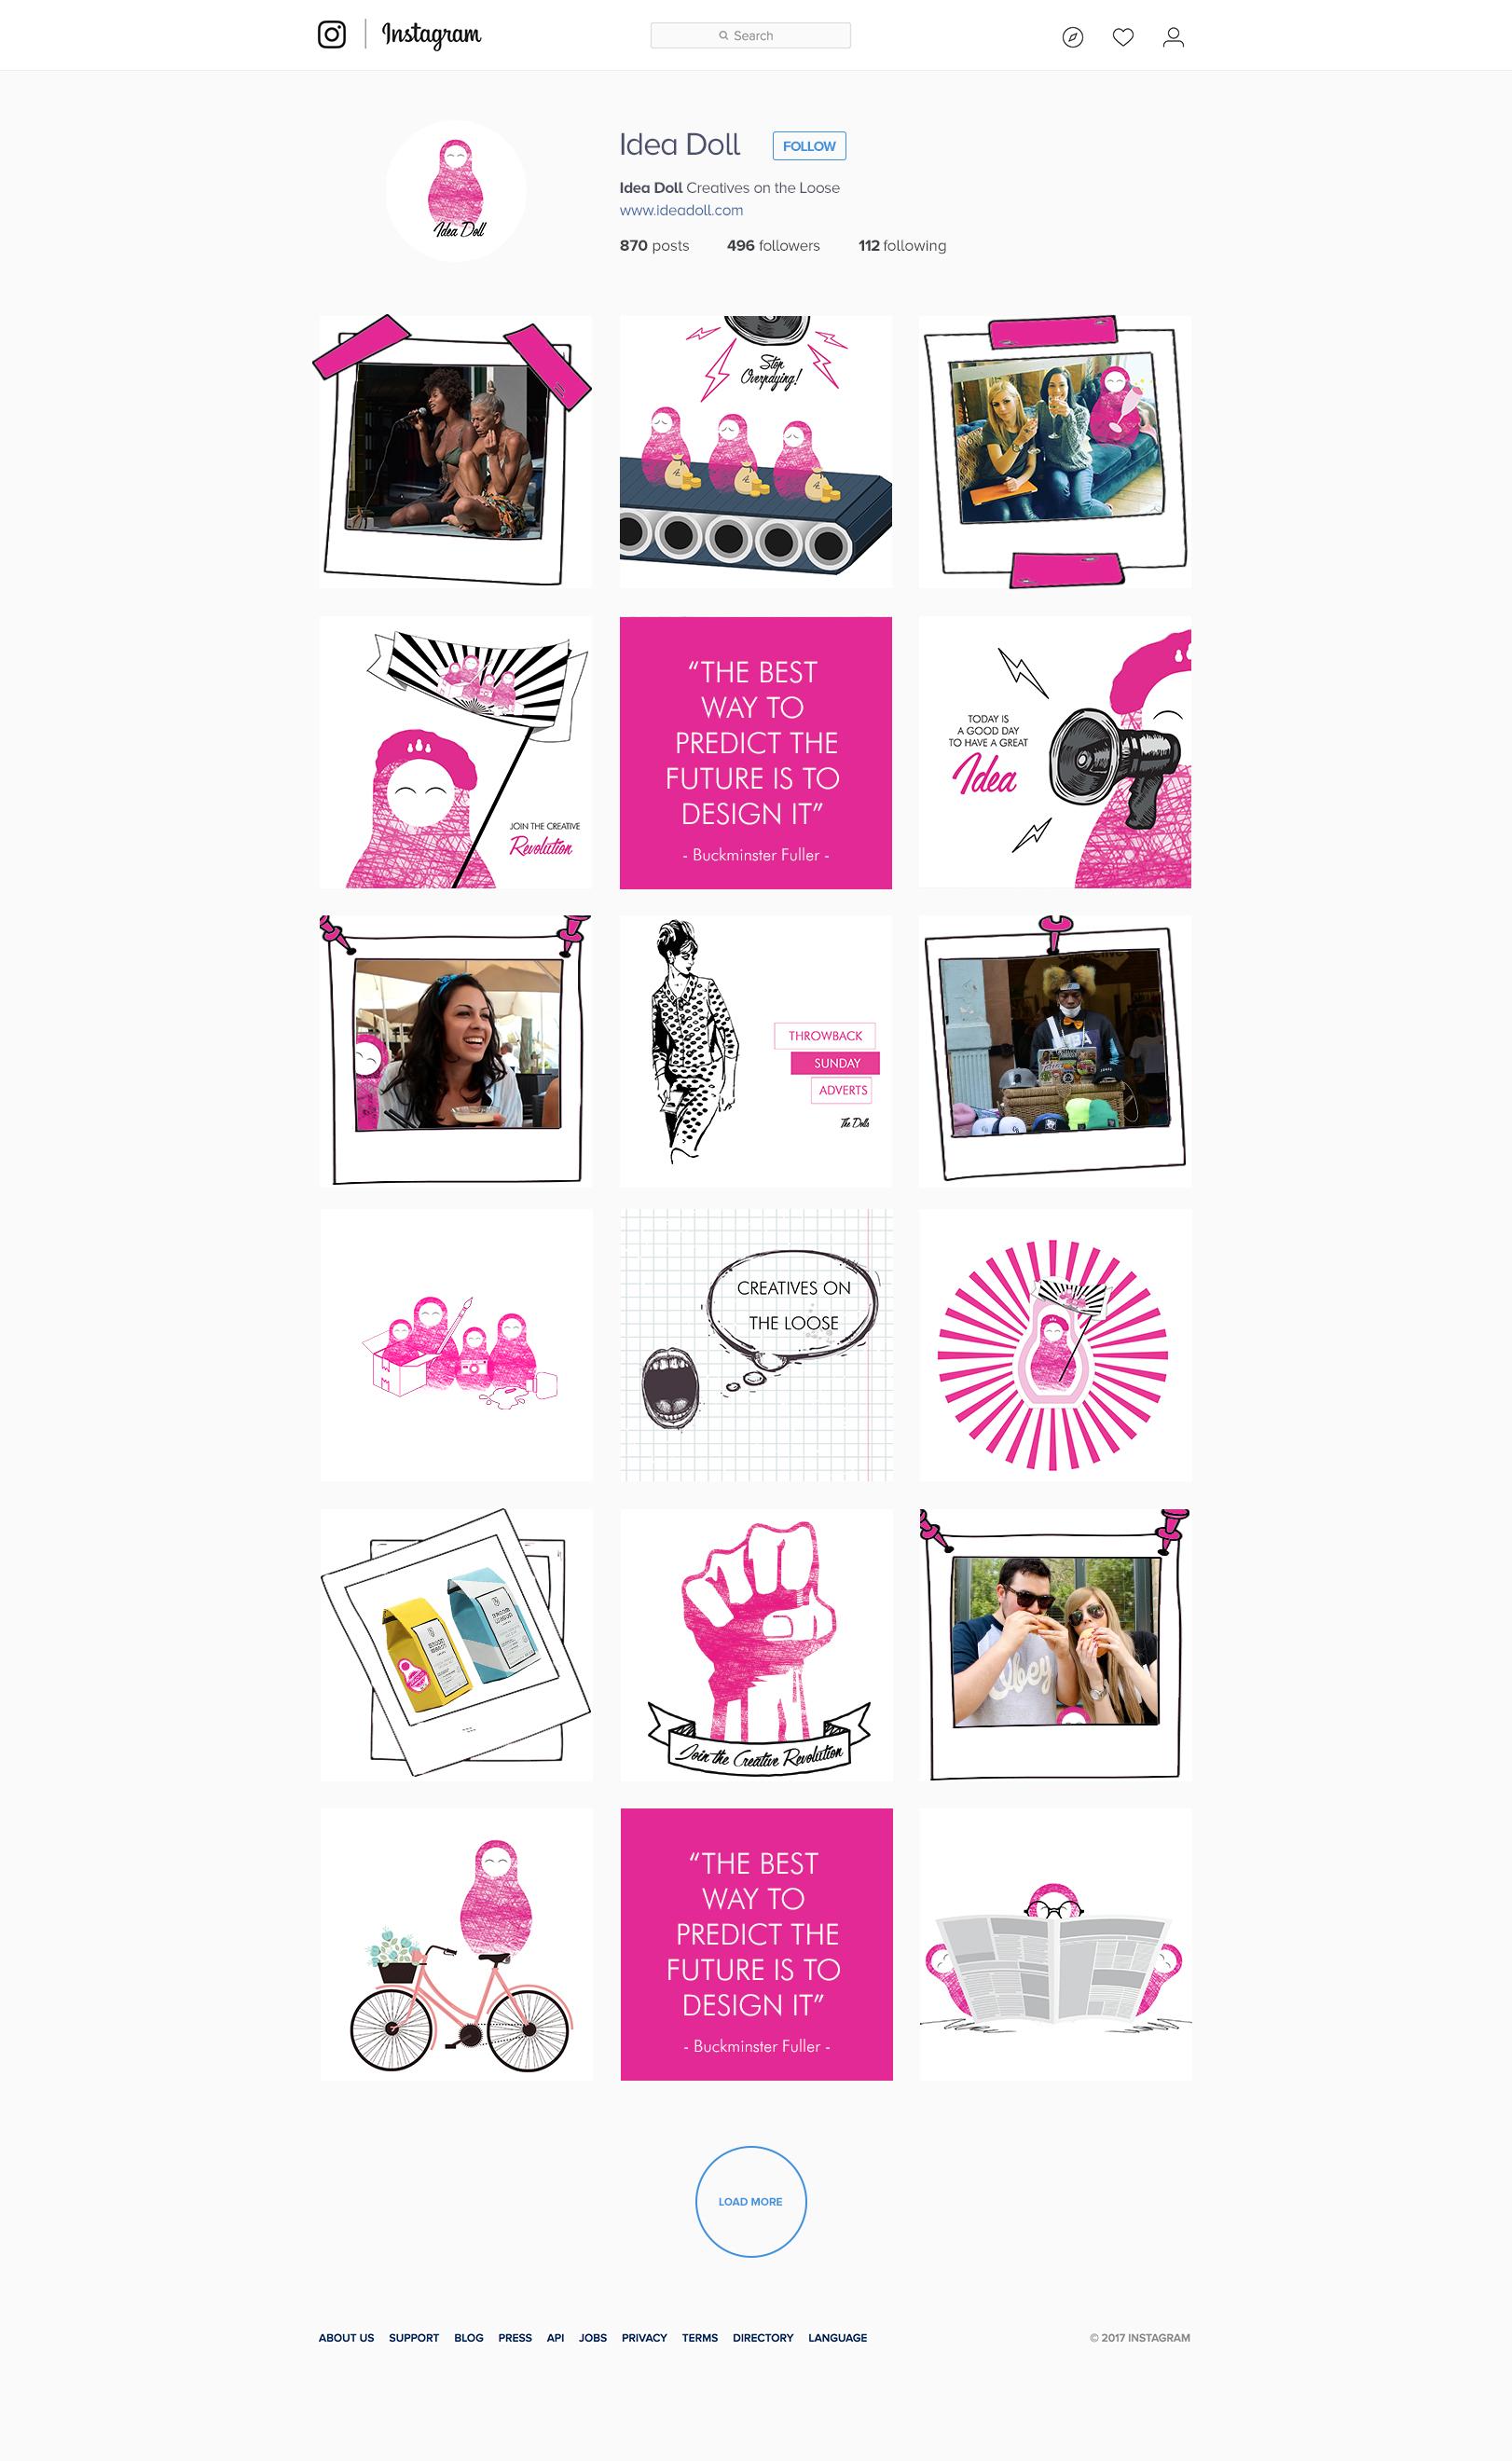 Instagram_web_template_Ideadoll v2.jpg